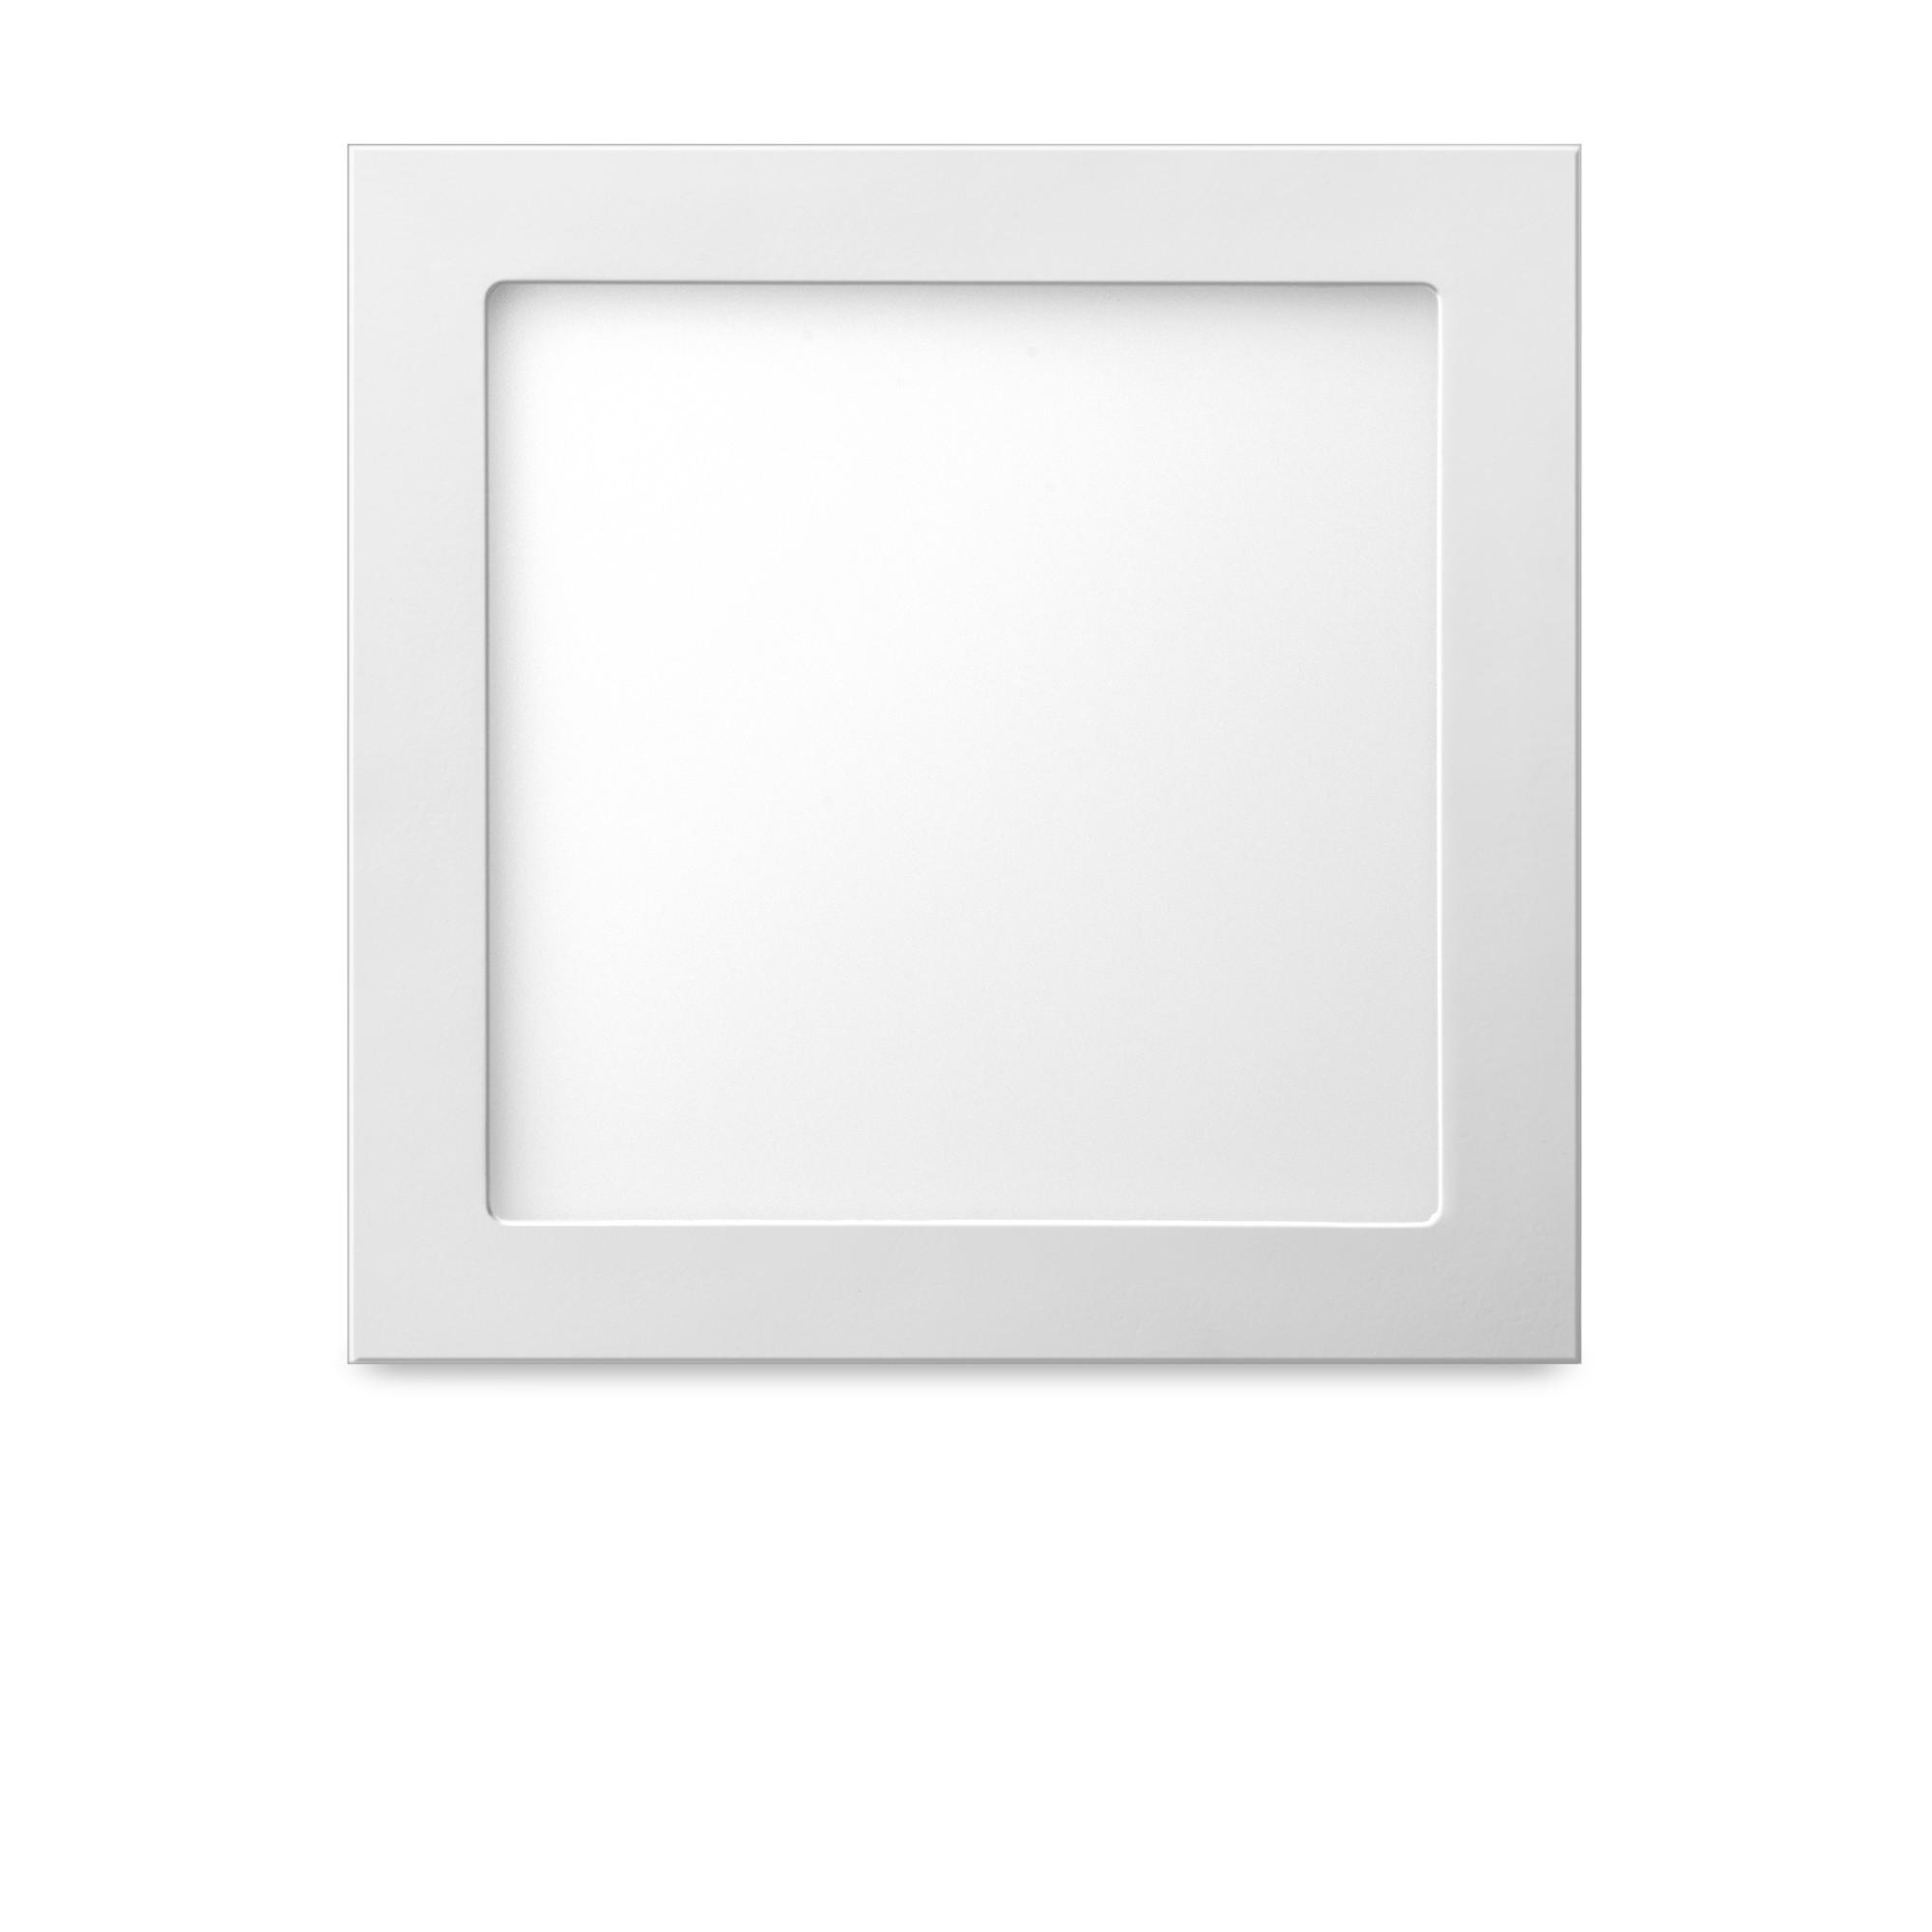 Painel LED Embutir 24W Quadrado Luz Branca - Elgin